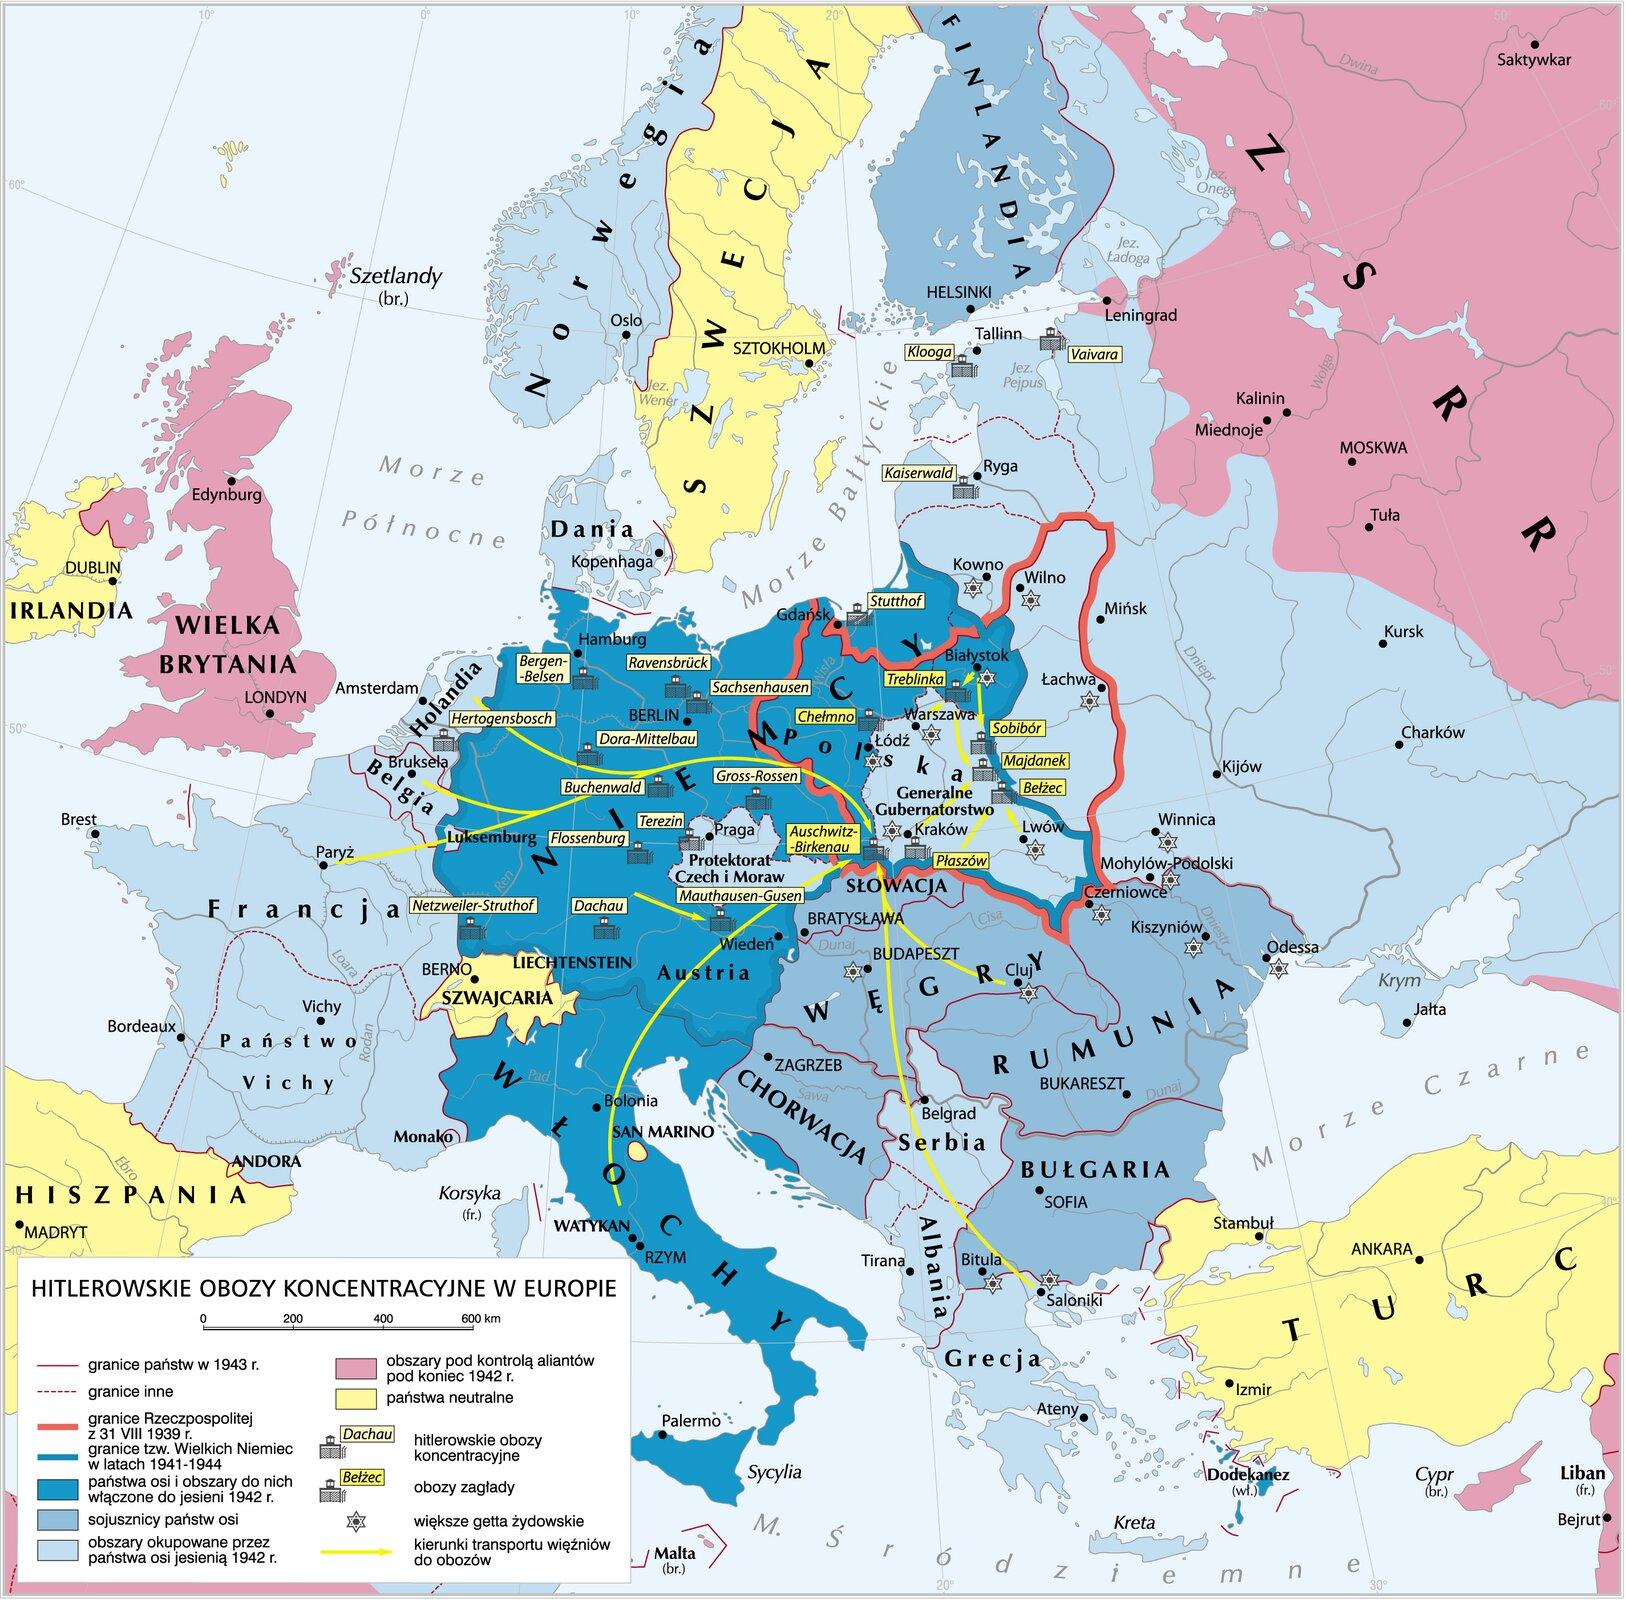 Hitlerowskie obozy koncentracyjne wEuropie Źródło: Krystian Chariza izespół, Hitlerowskie obozy koncentracyjne wEuropie, Krystian Chariza izespół.